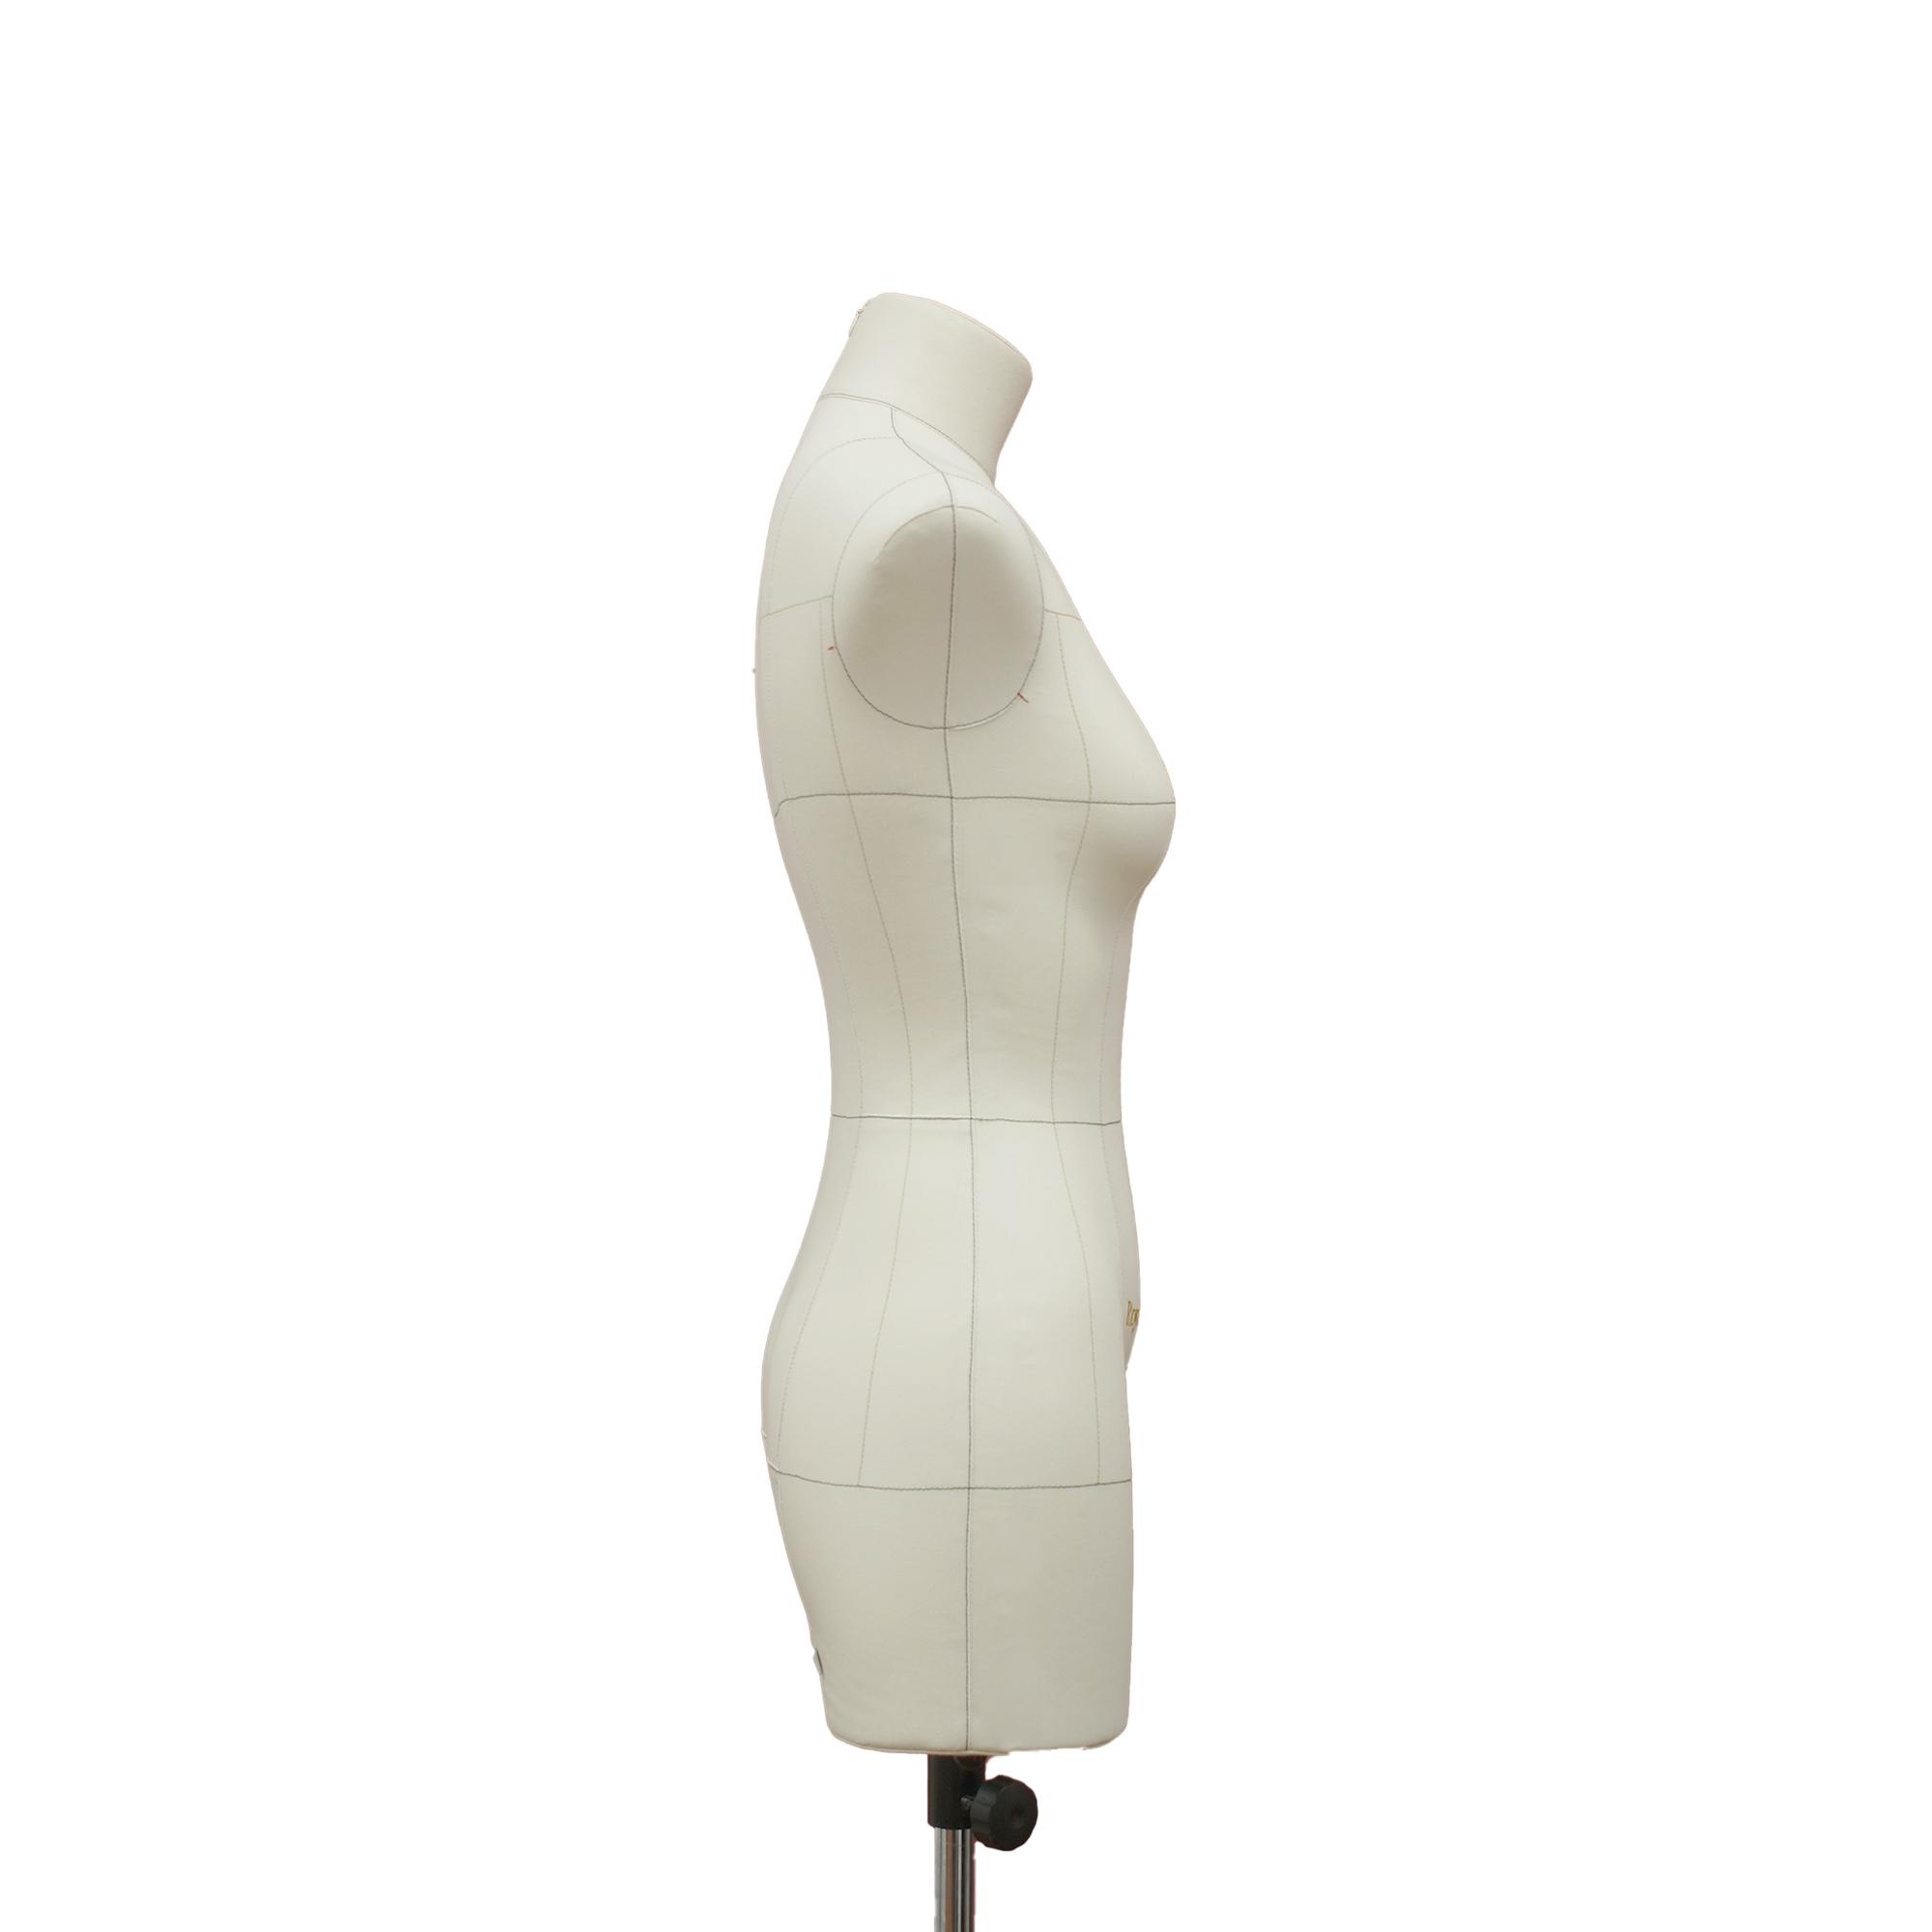 Манекен портновский Моника, комплект Премиум, размер 44, тип фигуры Прямоугольник, бежевыйФото 2